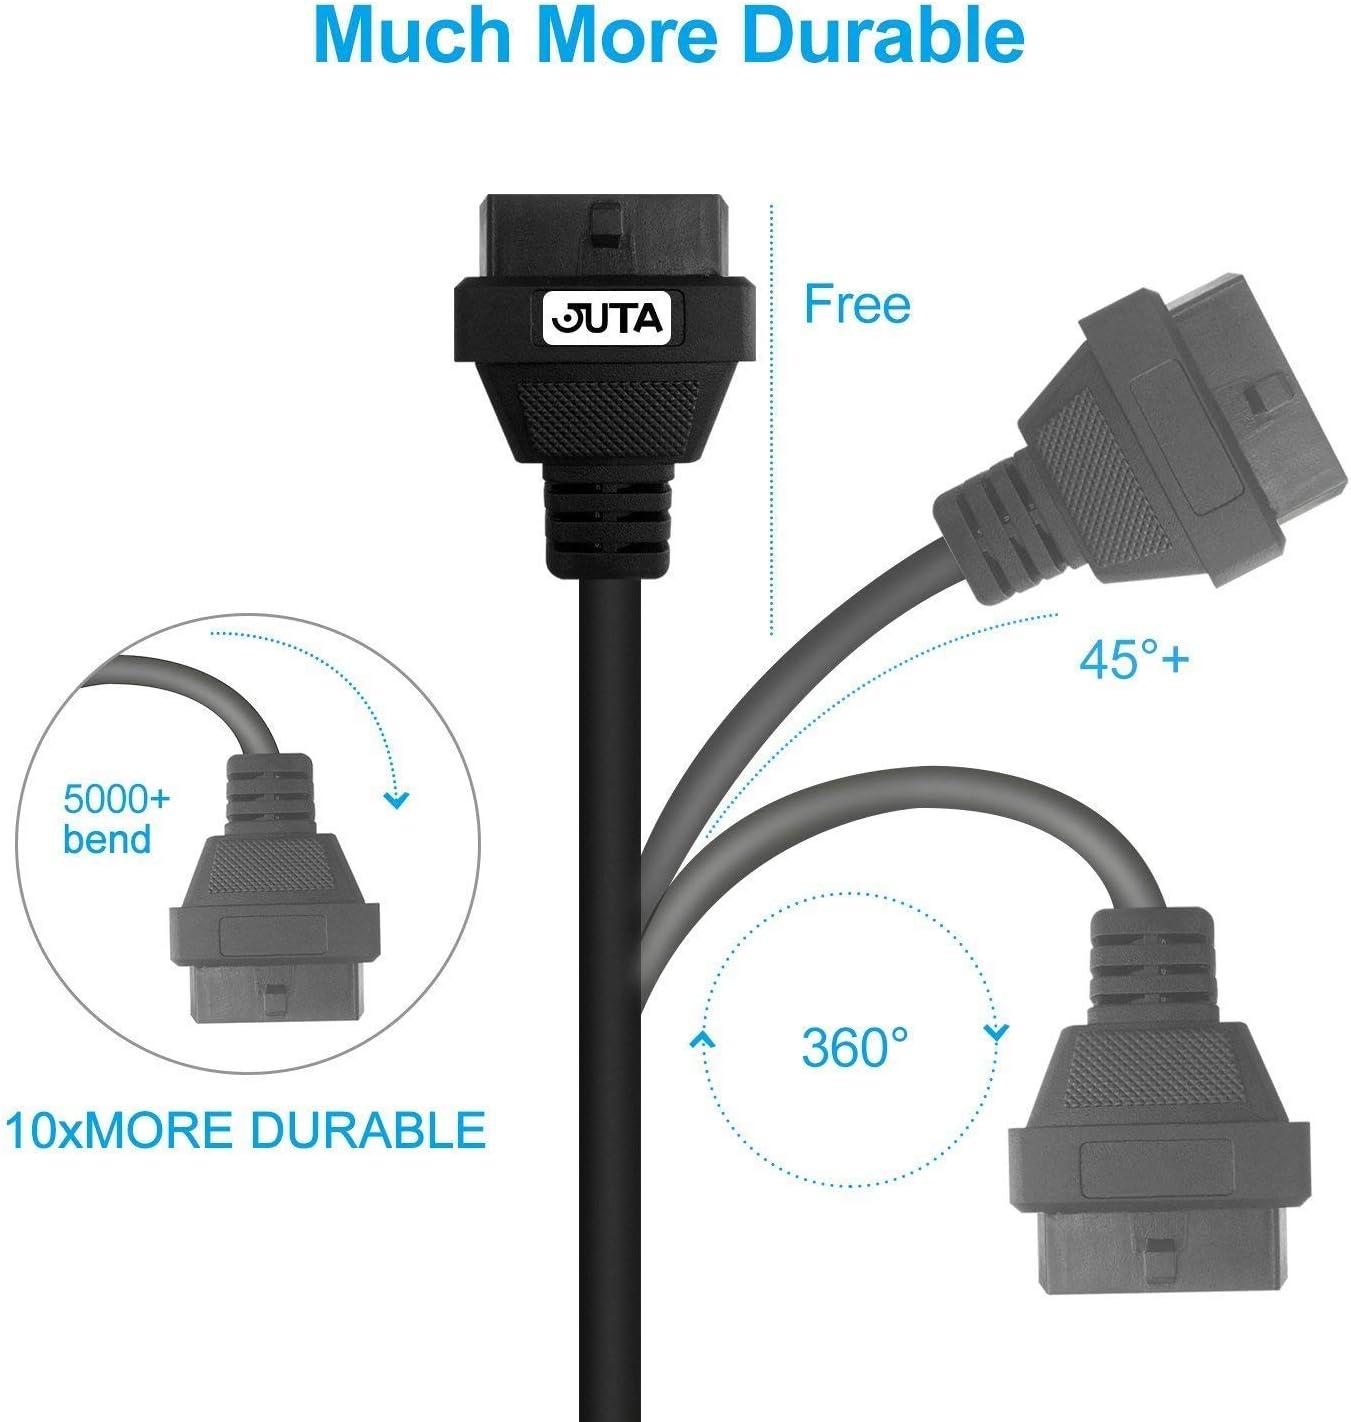 80cm 2.6ft Juta OBD2 16Pin Cable de extensi/ón macho a hembra Extensor de diagn/óstico